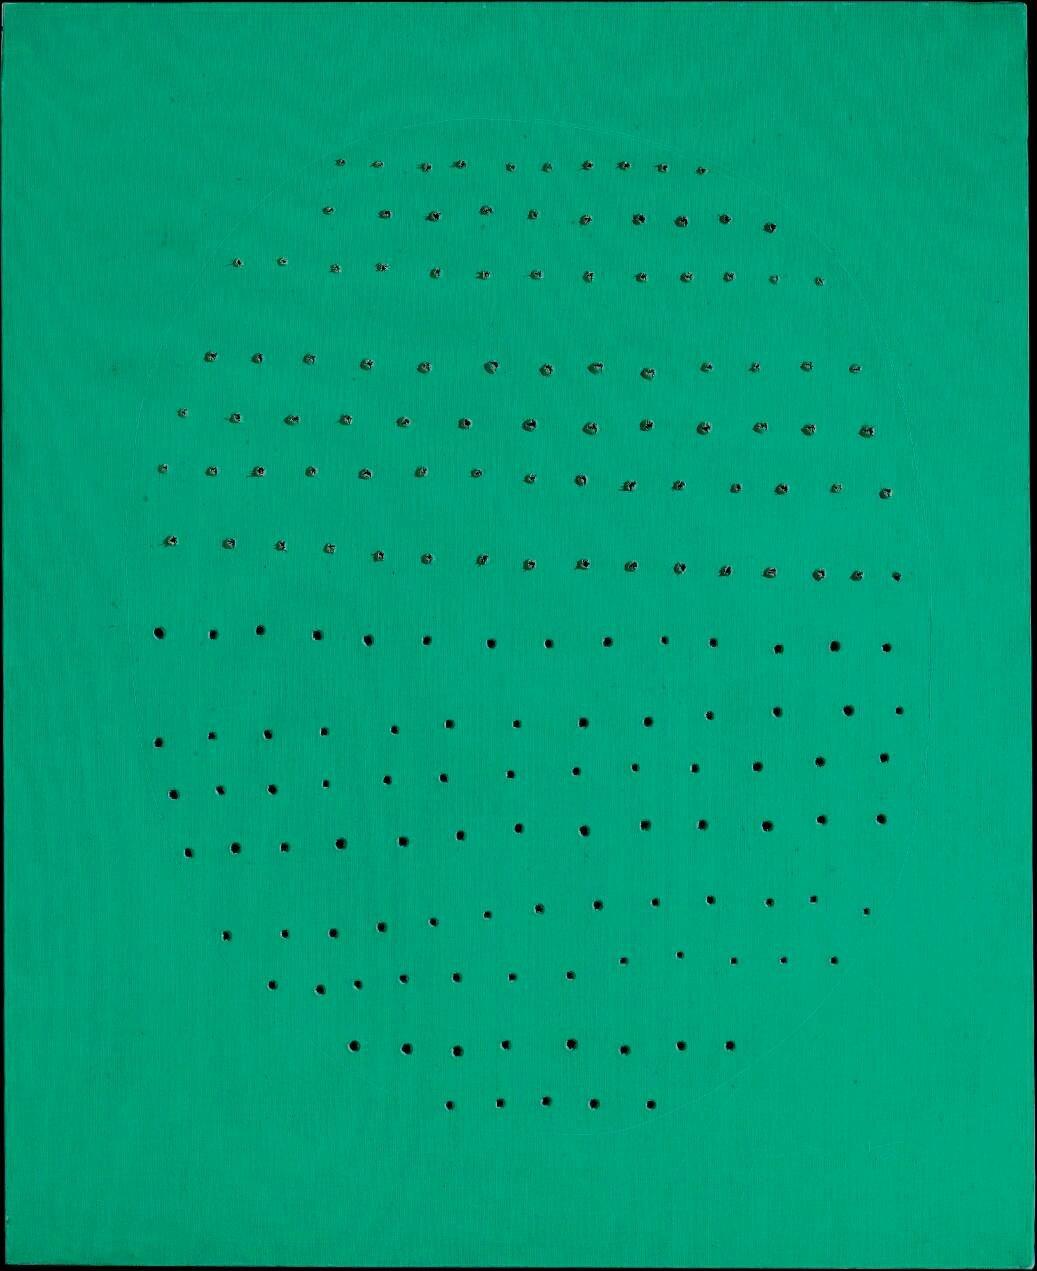 Lucio Fontana (1899-1968), Concetto spaziale, 1966-1967